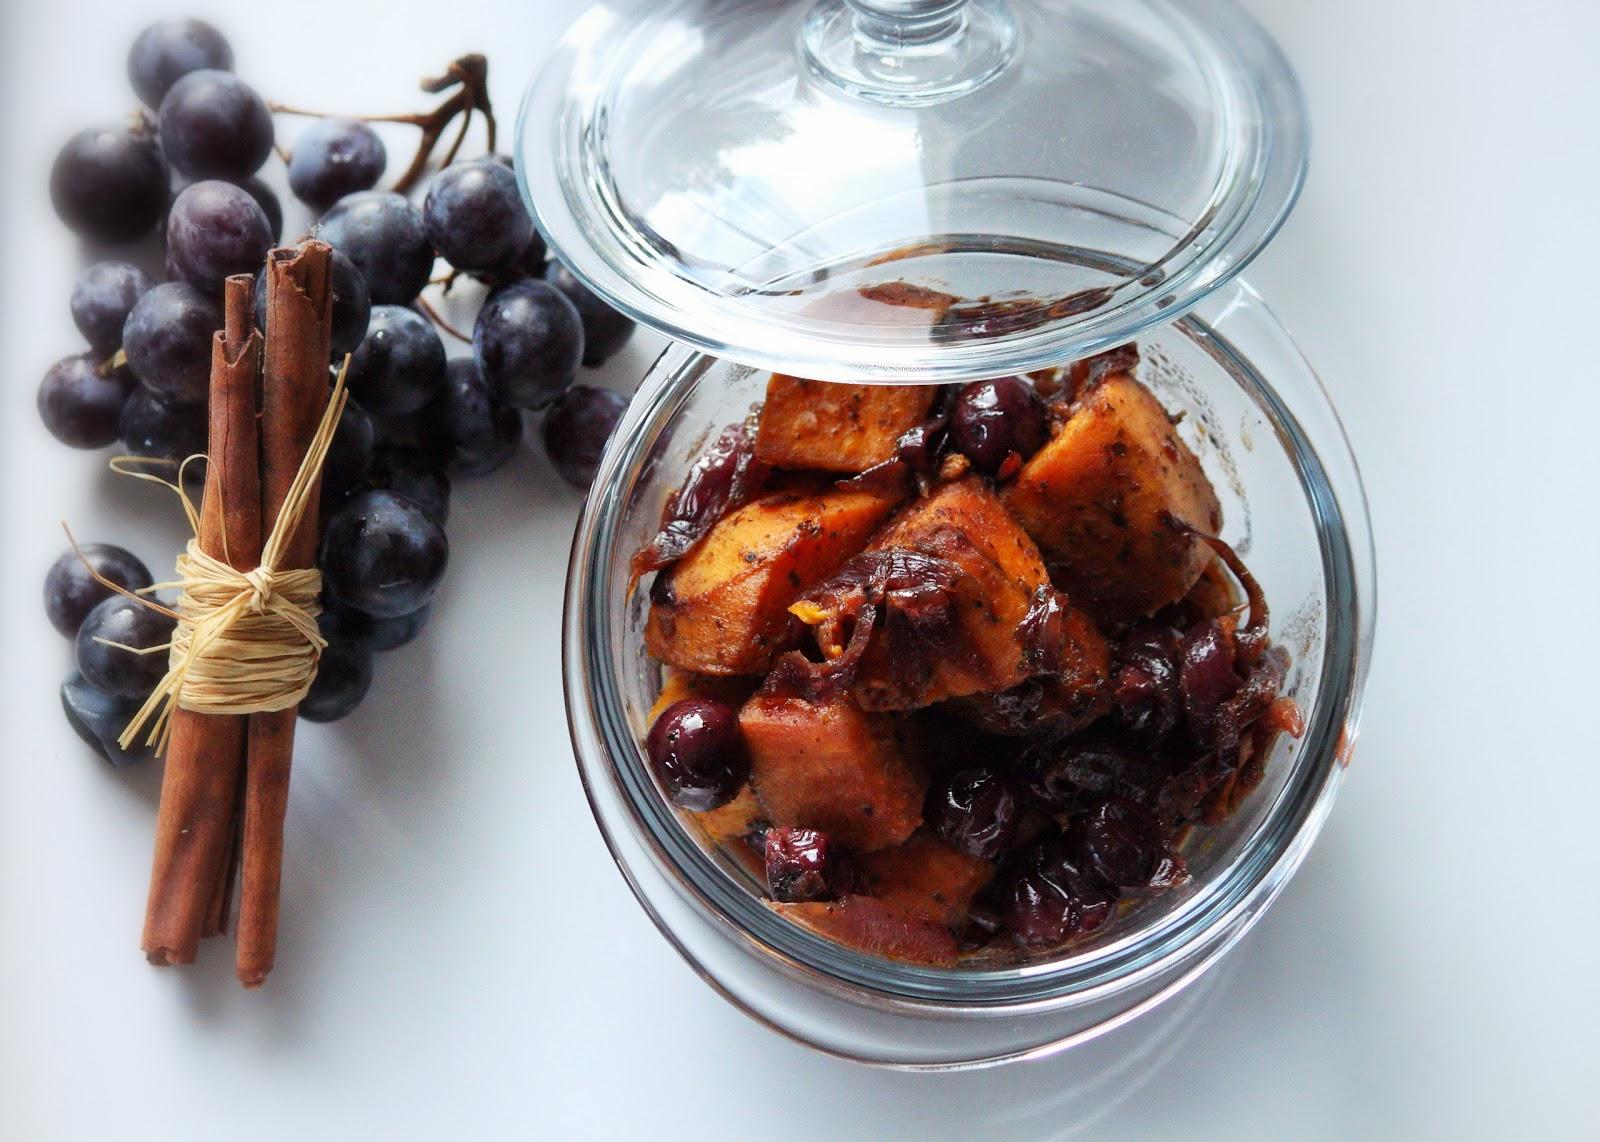 Tajine de patates douces et raisins noirs sof vous - Plat a tajine pour induction ...